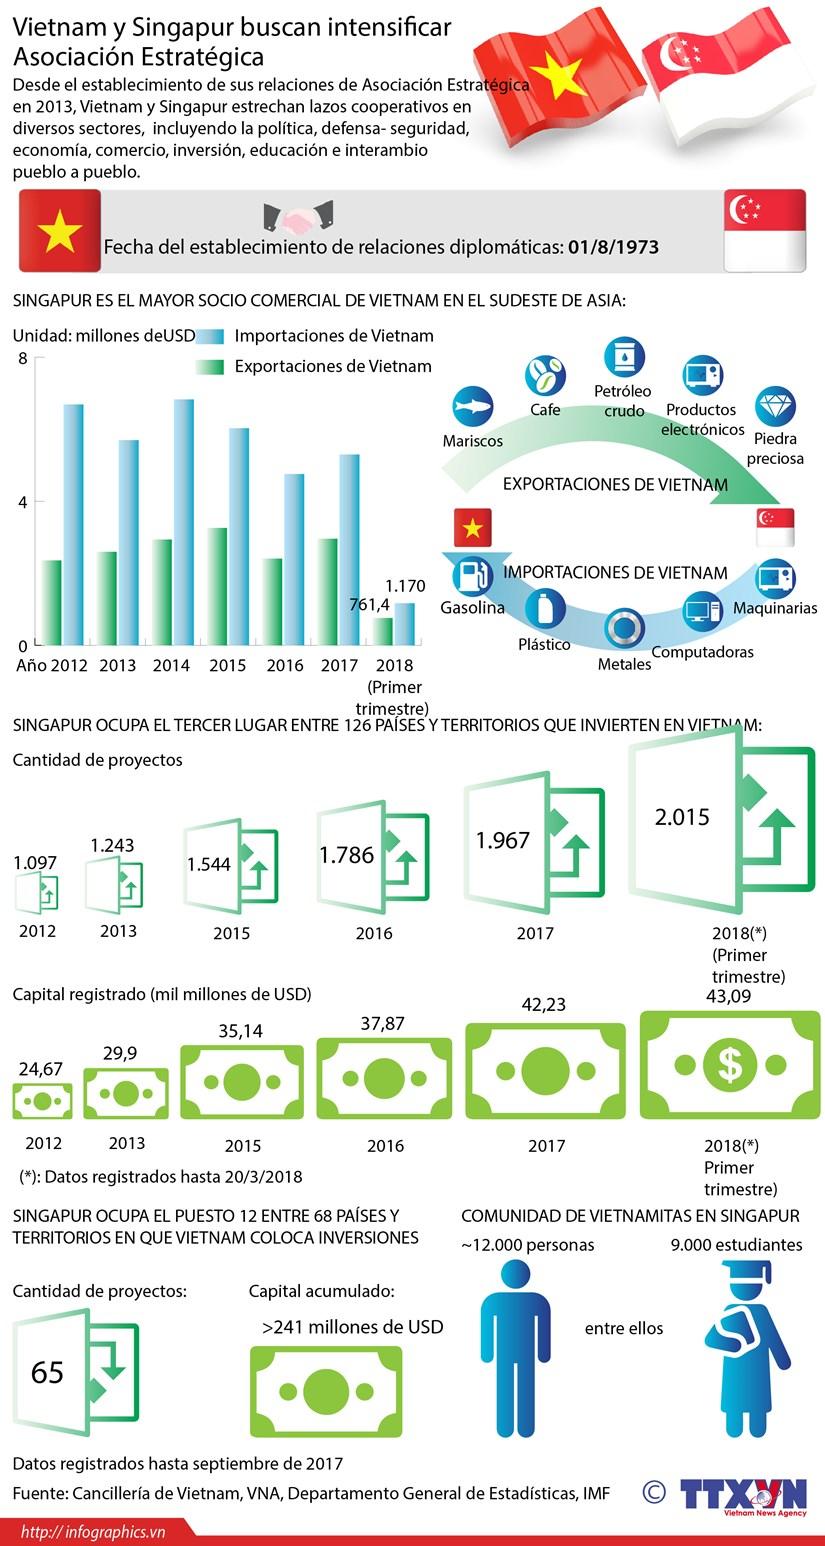 [Infografia] Vietnam y Singapur buscan intensificar Asociacion Estrategica hinh anh 1